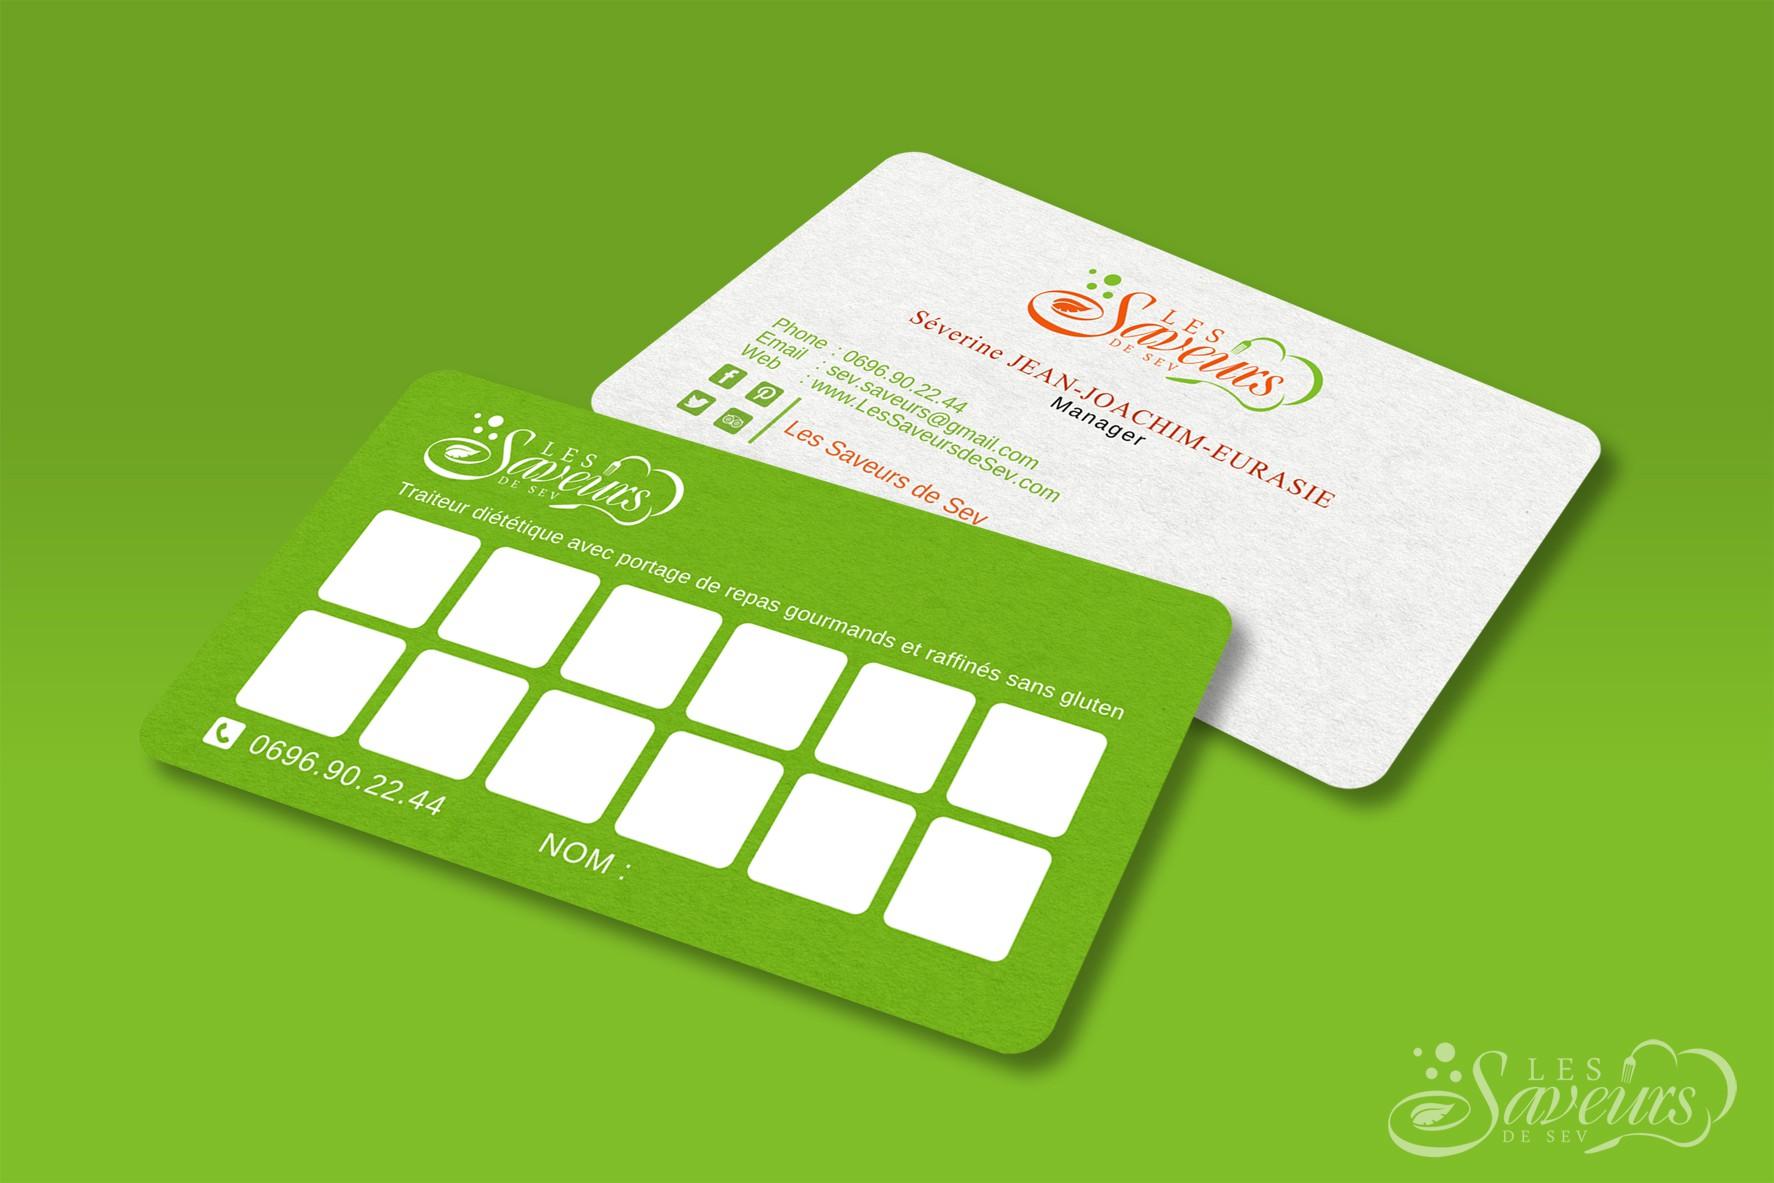 Créer un logo et une carte de visite fun et zen pour un traiteur diététique 2.0 en Martinique